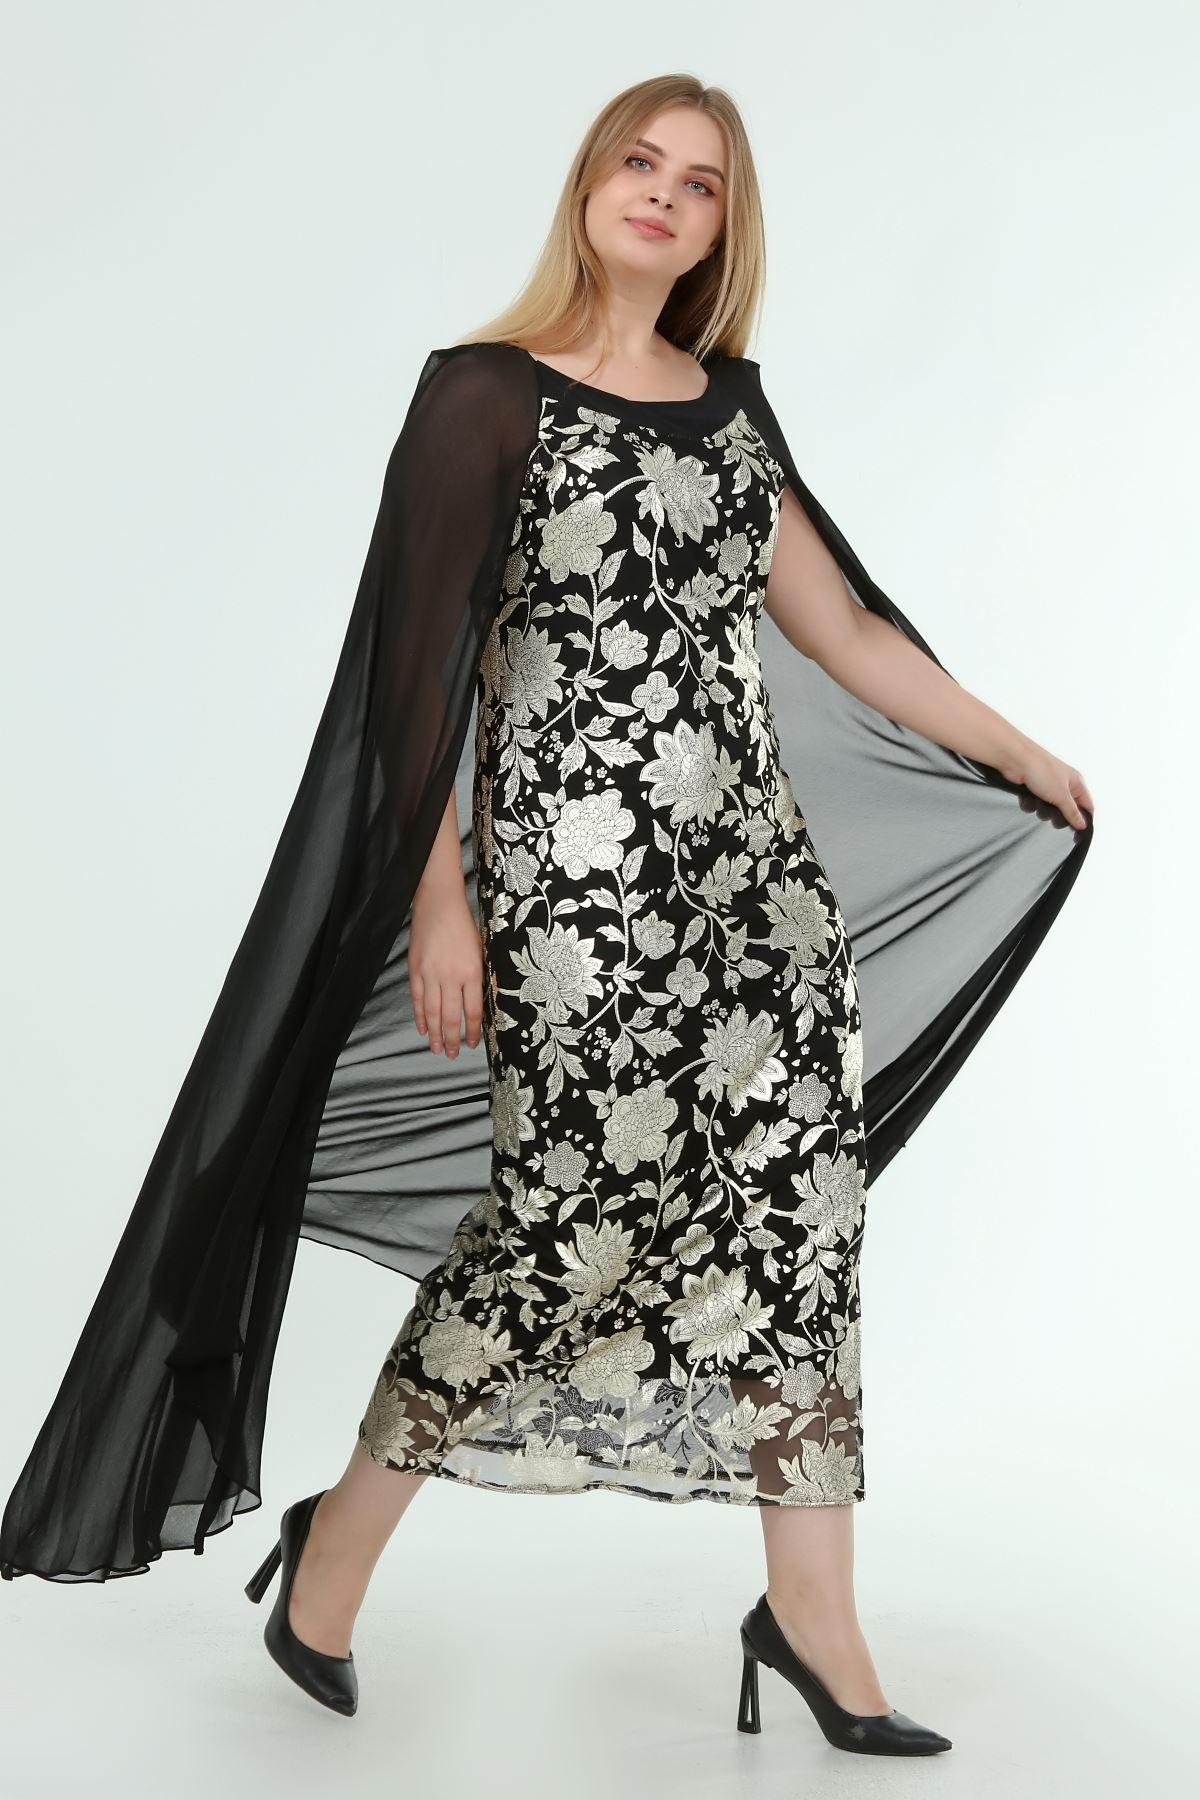 Kadın Büyük Beden Siyah Desenli Pelerinli Gece Elbisesi  A1-4052